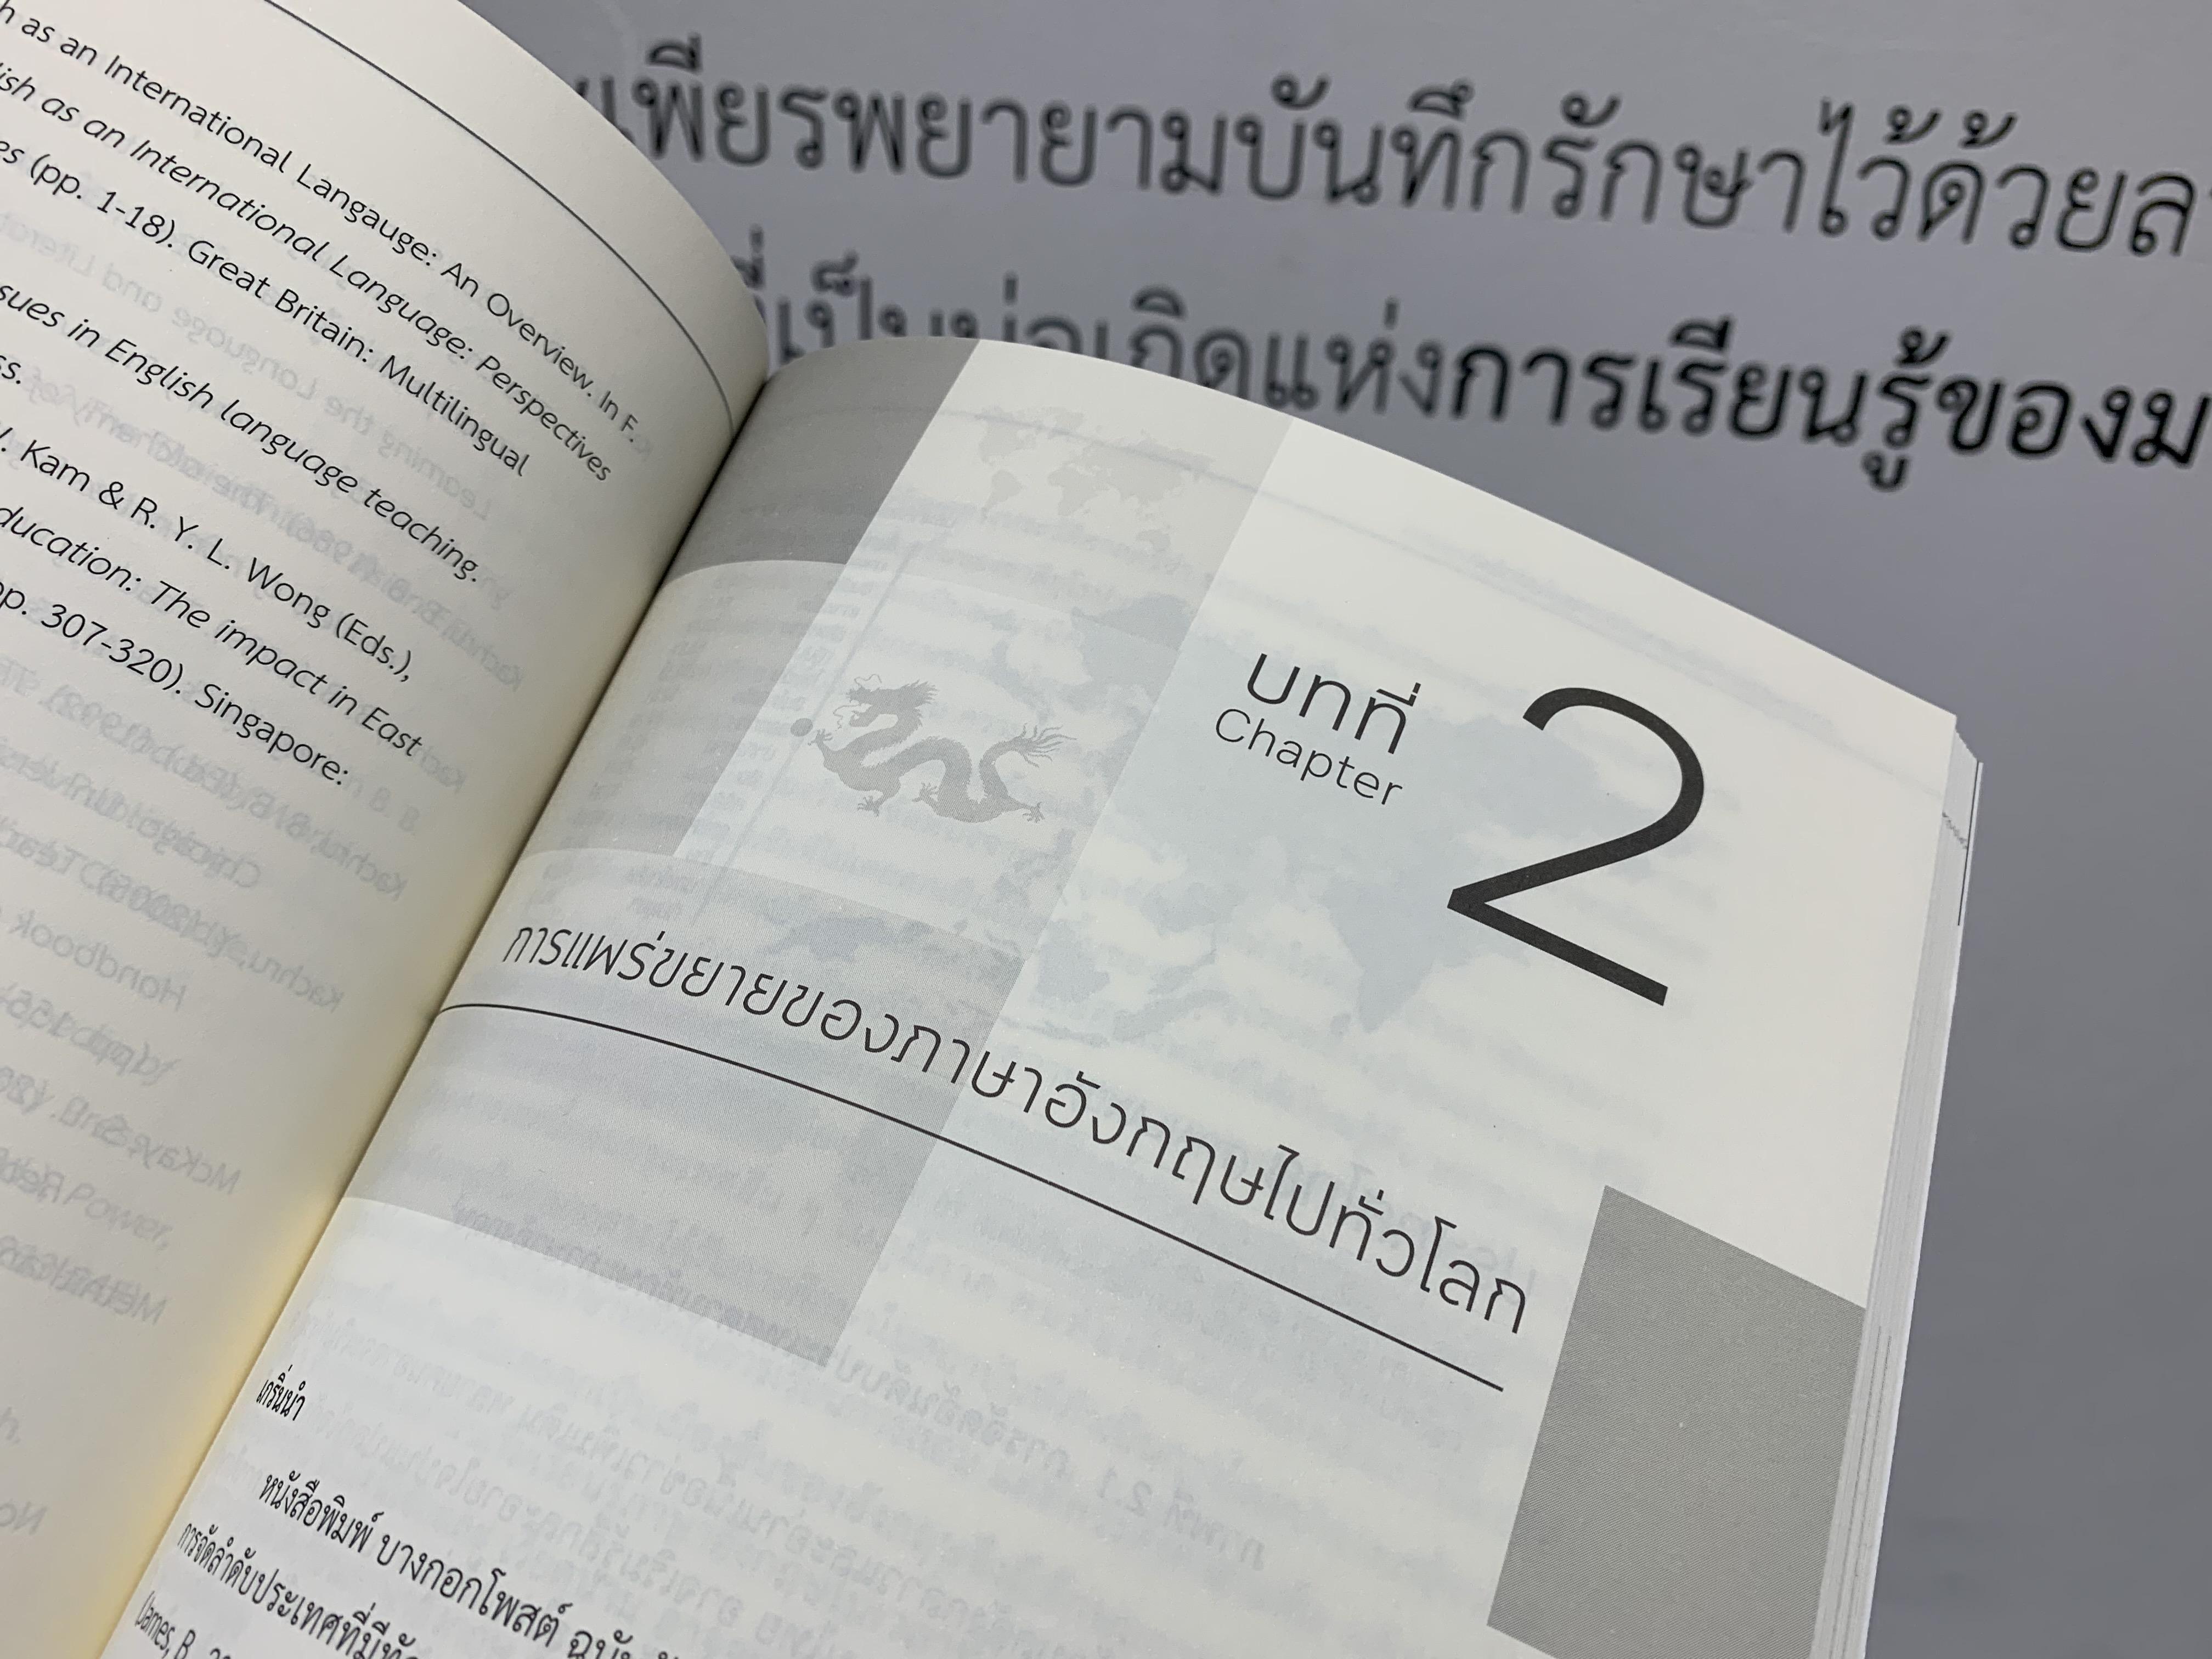 อิทธิพลของภาษาต่างประเทศ-05